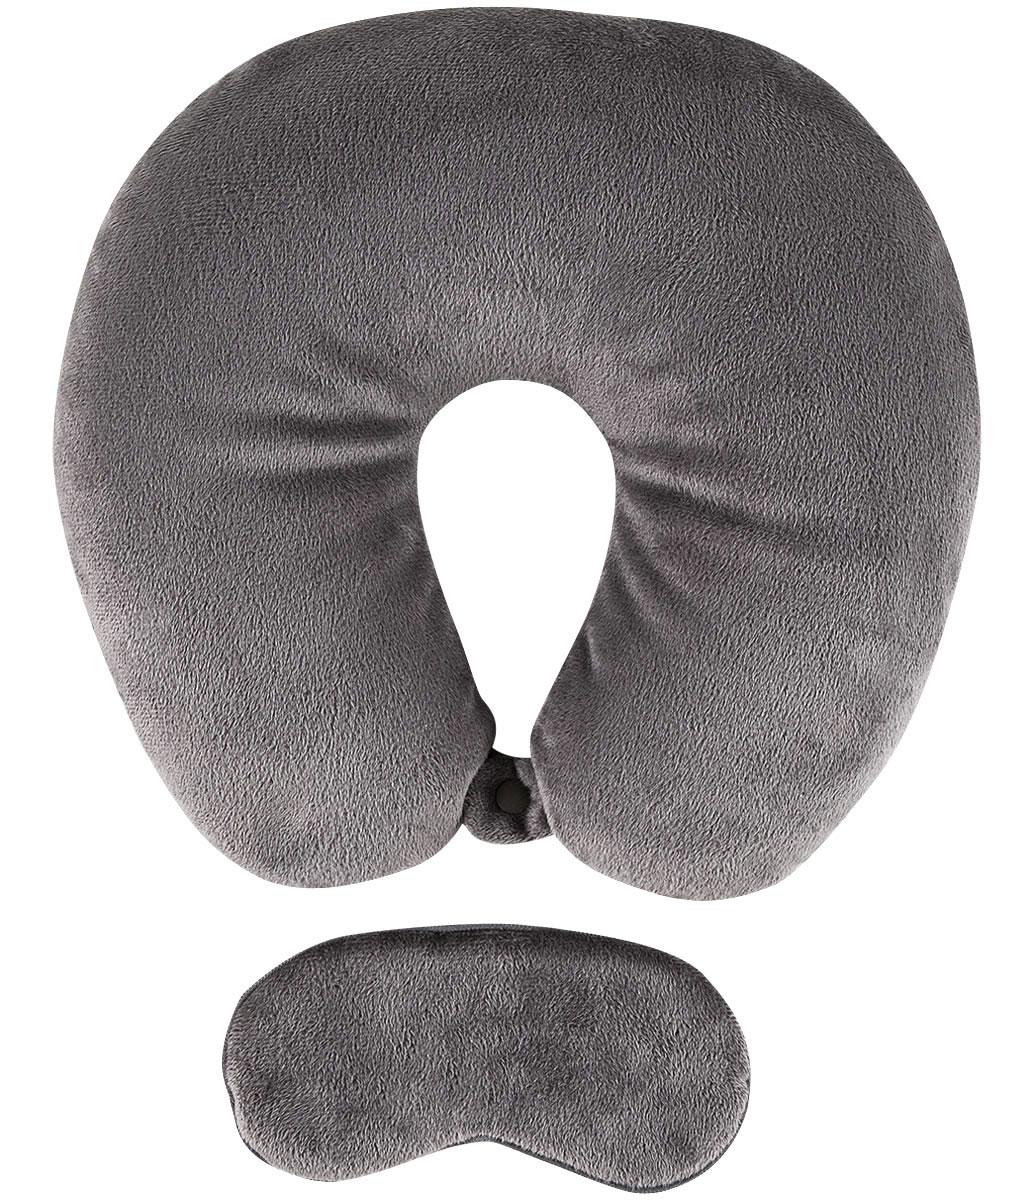 Travesseiro de pescoço e máscara de dormir formam uma dupla imbatível para o descanso do viajante